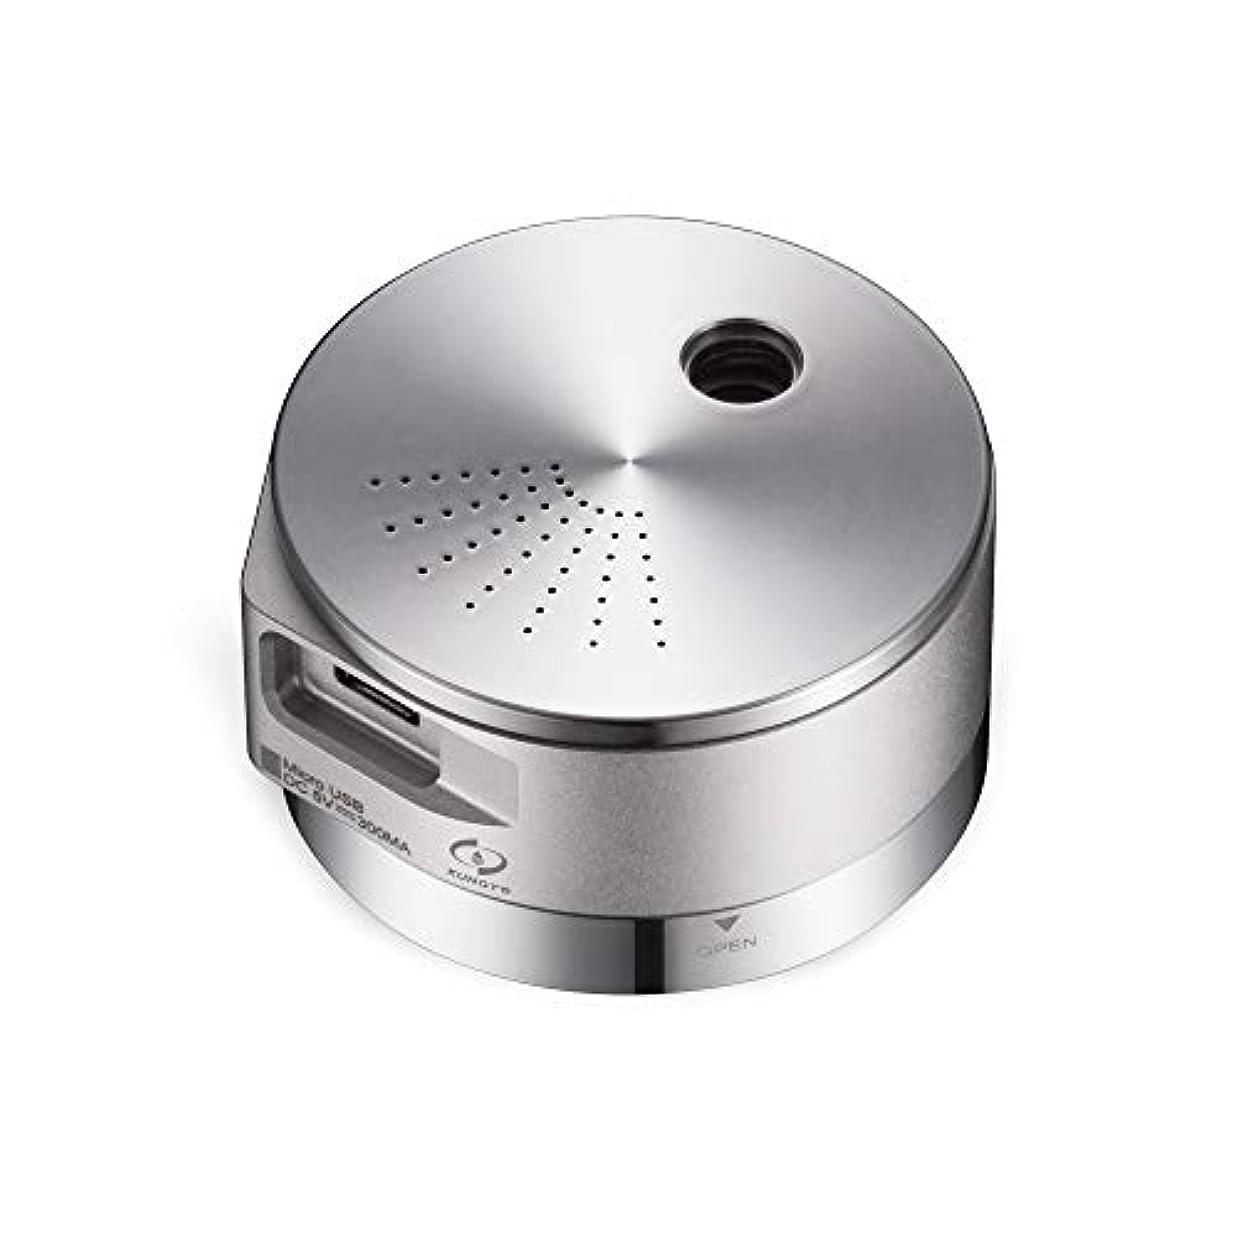 乱暴な無謀メモミニ加湿器 - ポータブルエッセンシャルオイルディフューザー、USBチャージ、自動シャットオフアロマディフューザー(アルミ、25ml) 141[並行輸入]